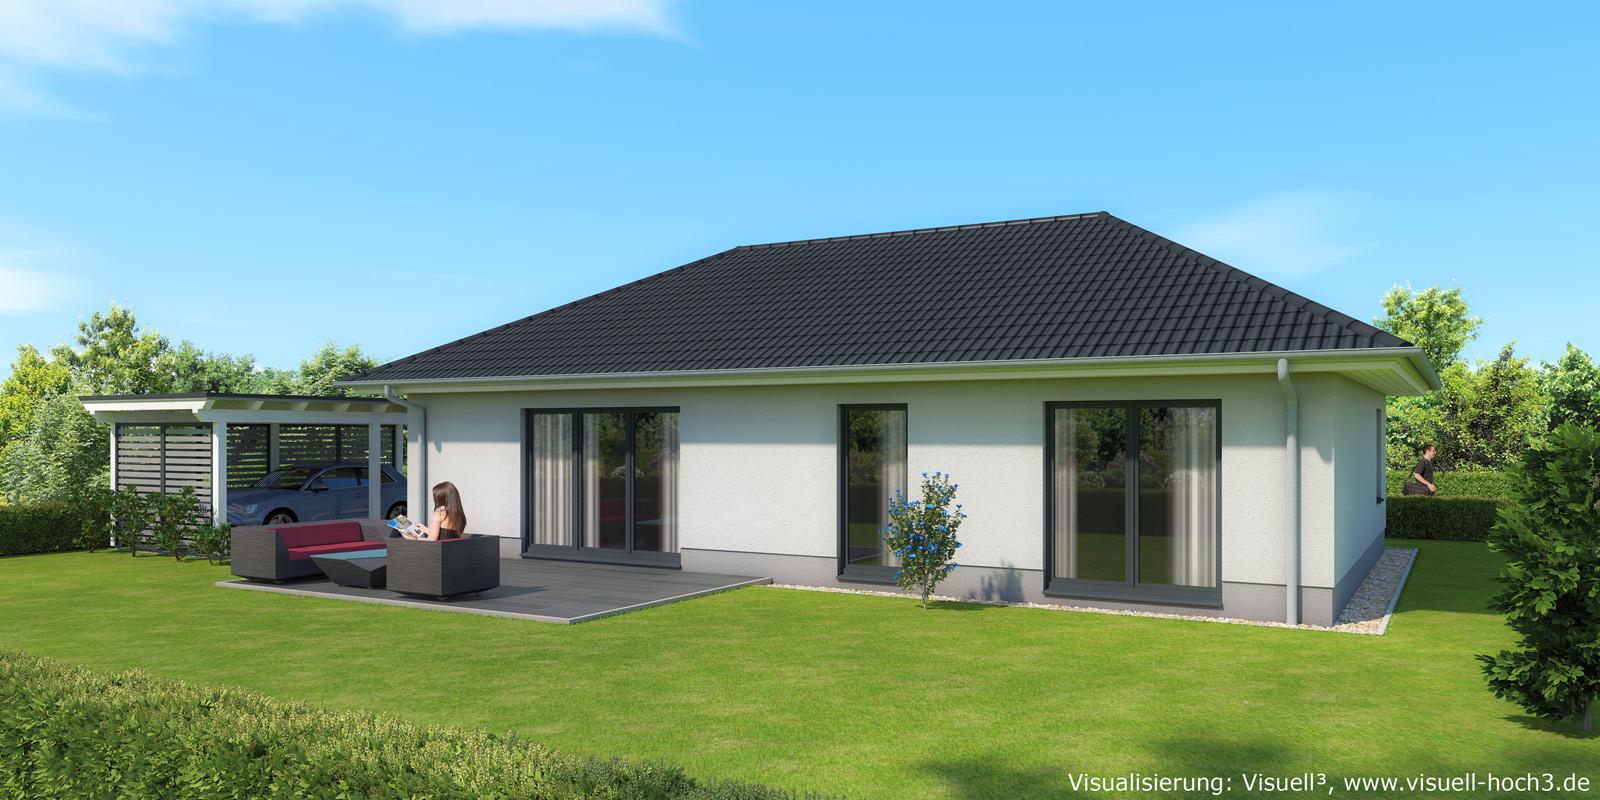 architekturvisualisierung und produktvisualisierung projektauswahl. Black Bedroom Furniture Sets. Home Design Ideas